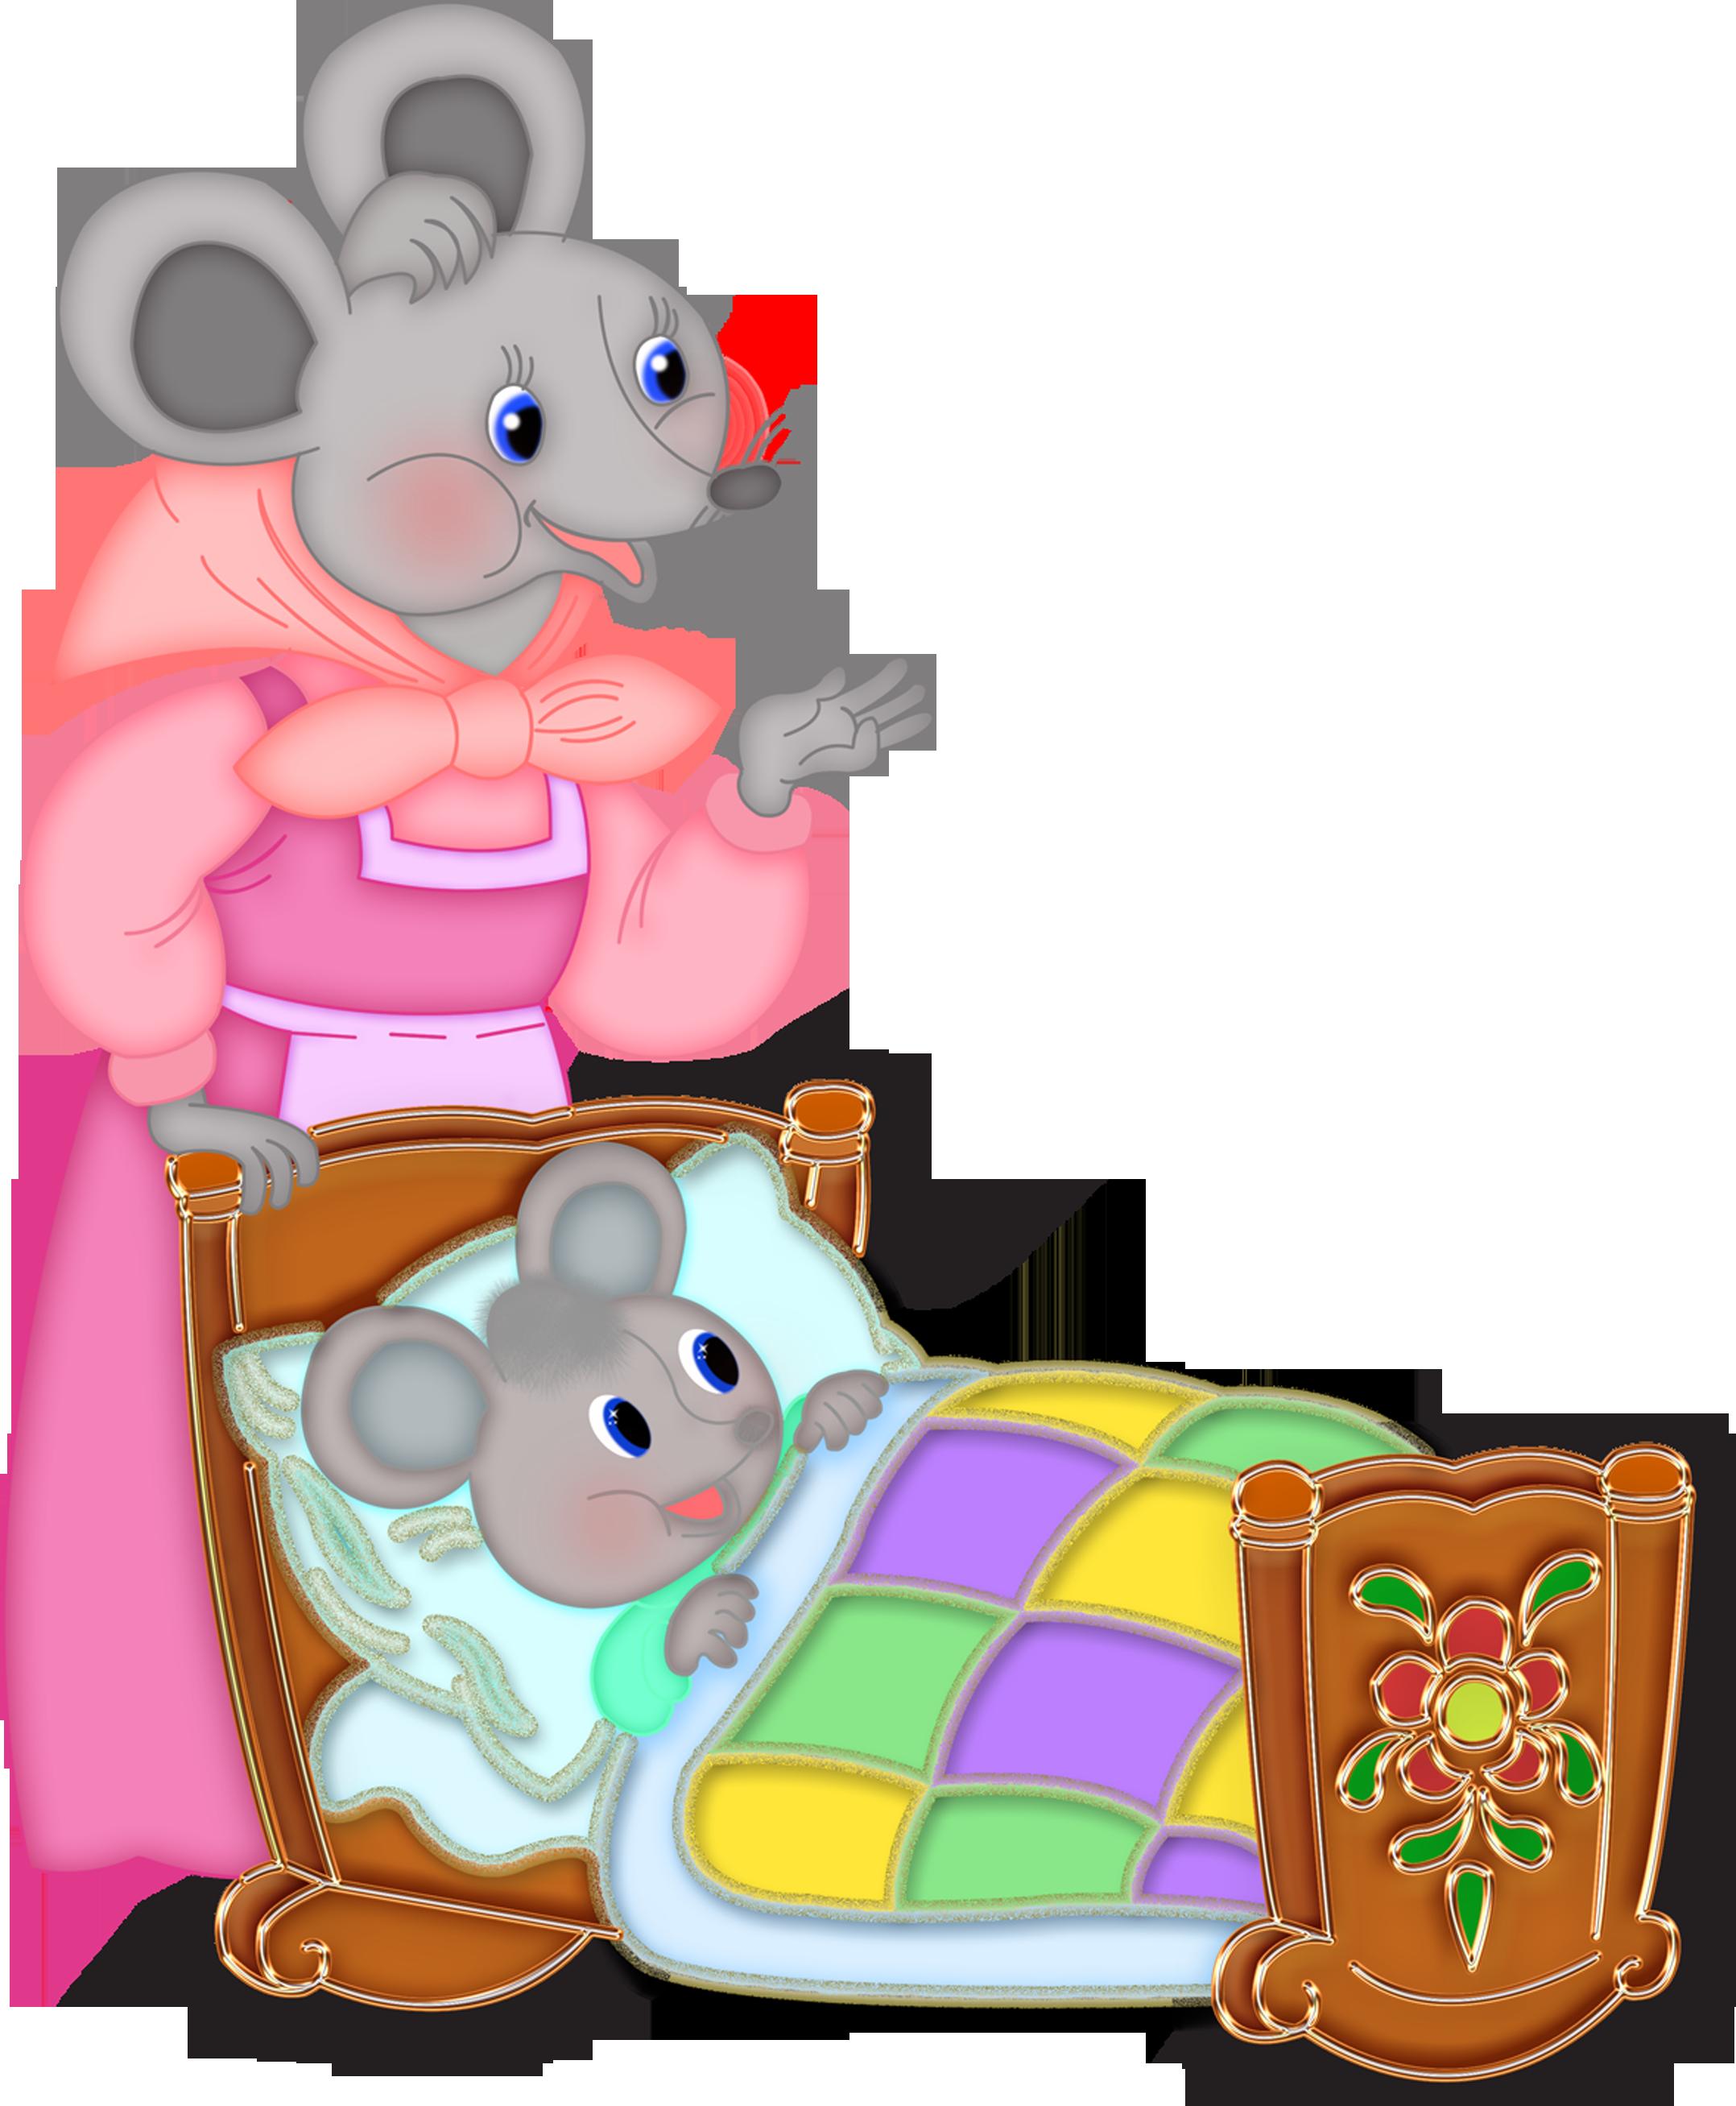 Картинка мышка с мышатами для детей